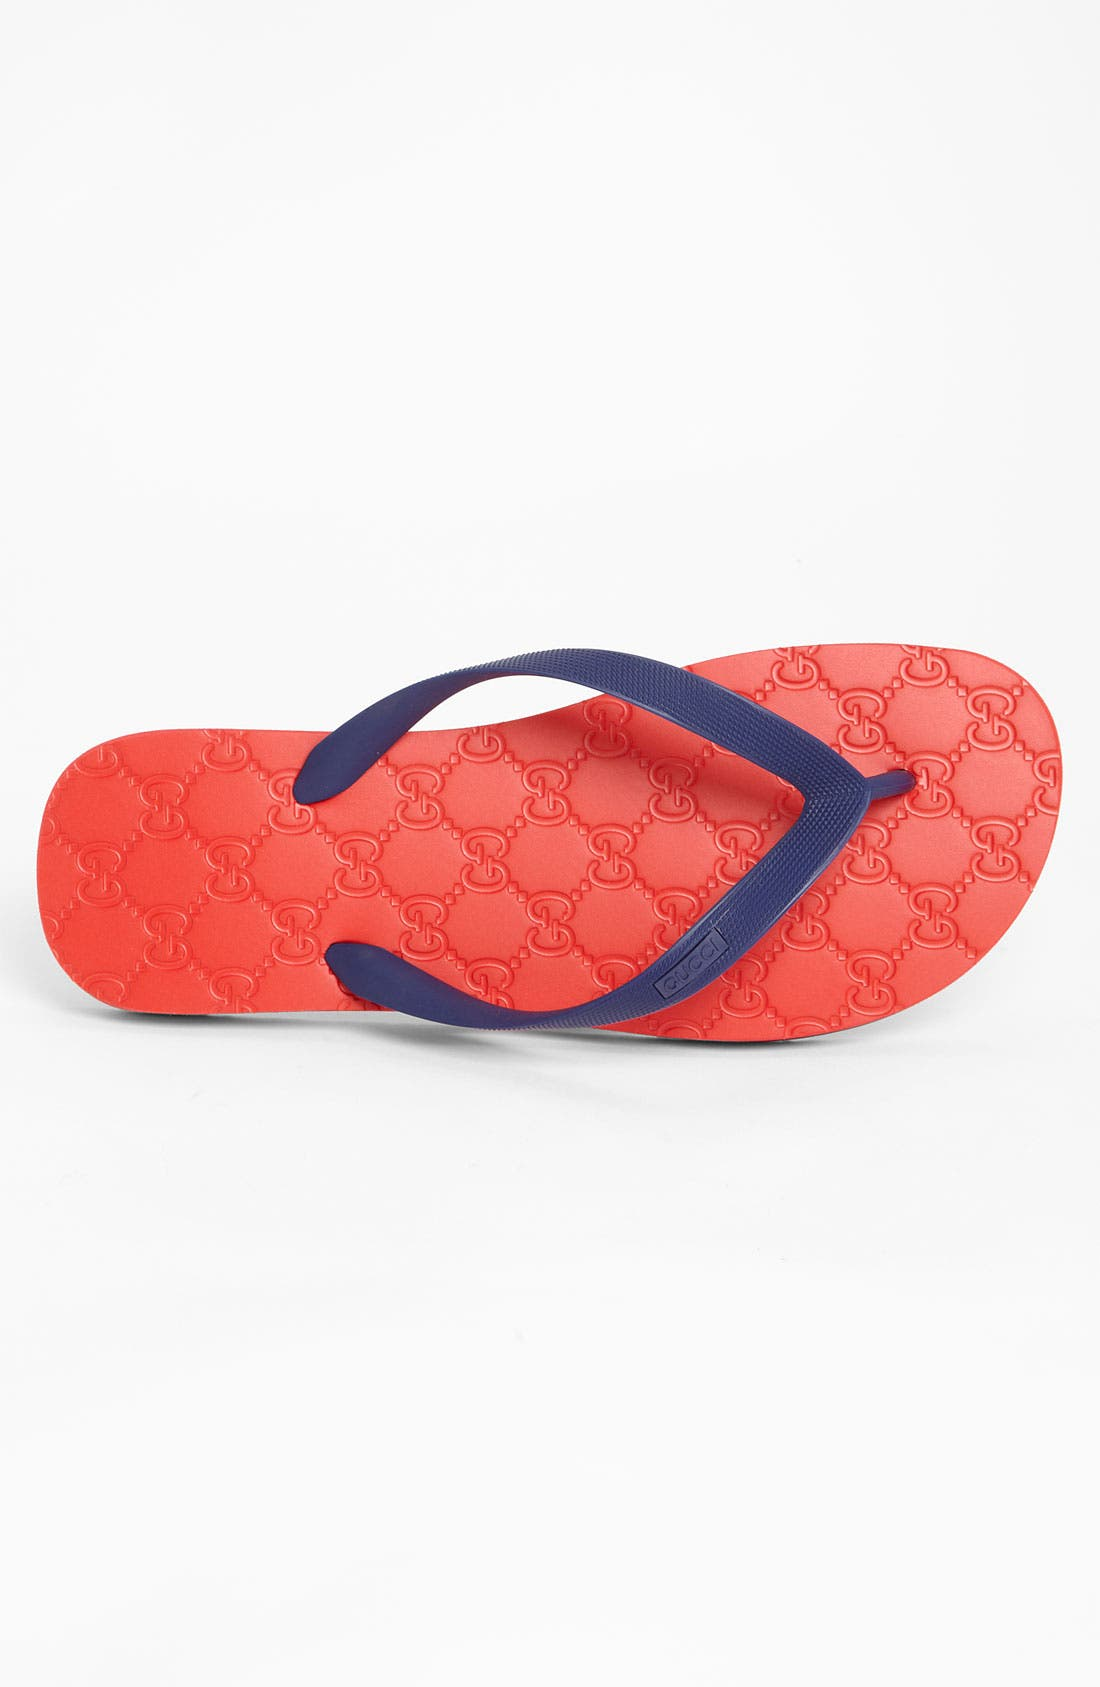 Alternate Image 3  - Gucci 'Bedlam' Flip Flop